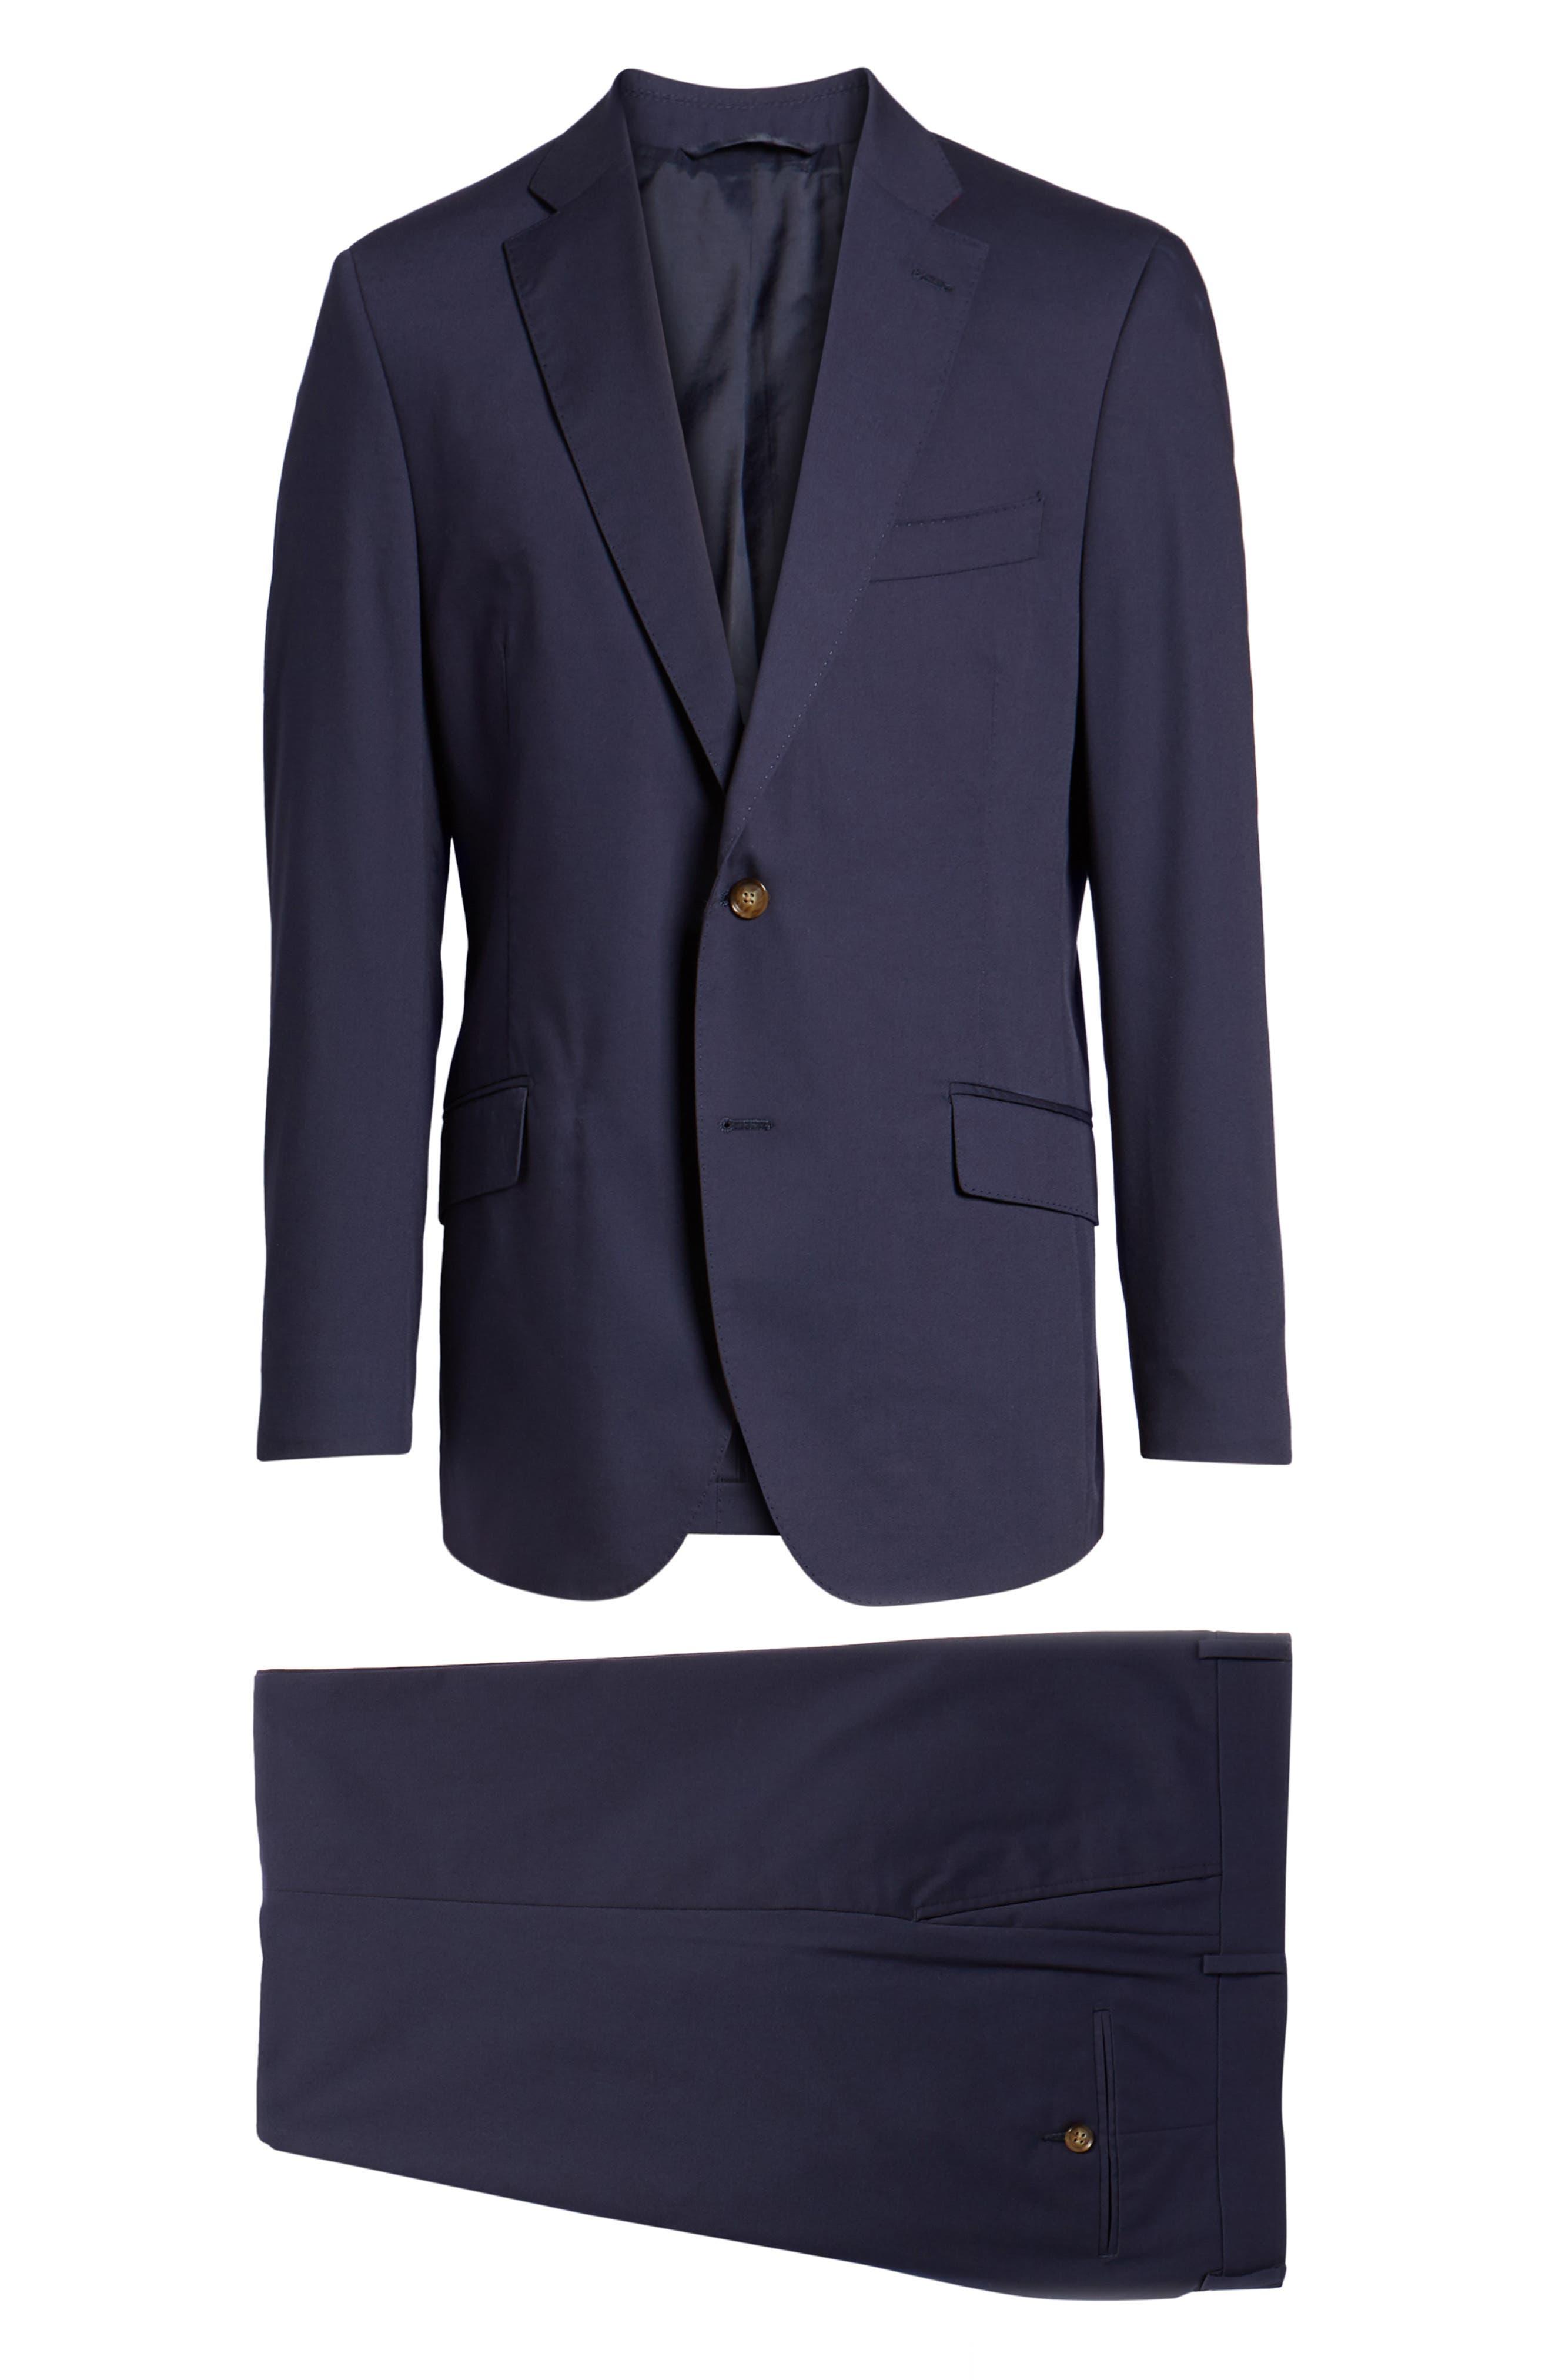 Irons AIM Classic Fit Solid Cotton Blend Suit,                             Alternate thumbnail 8, color,                             410